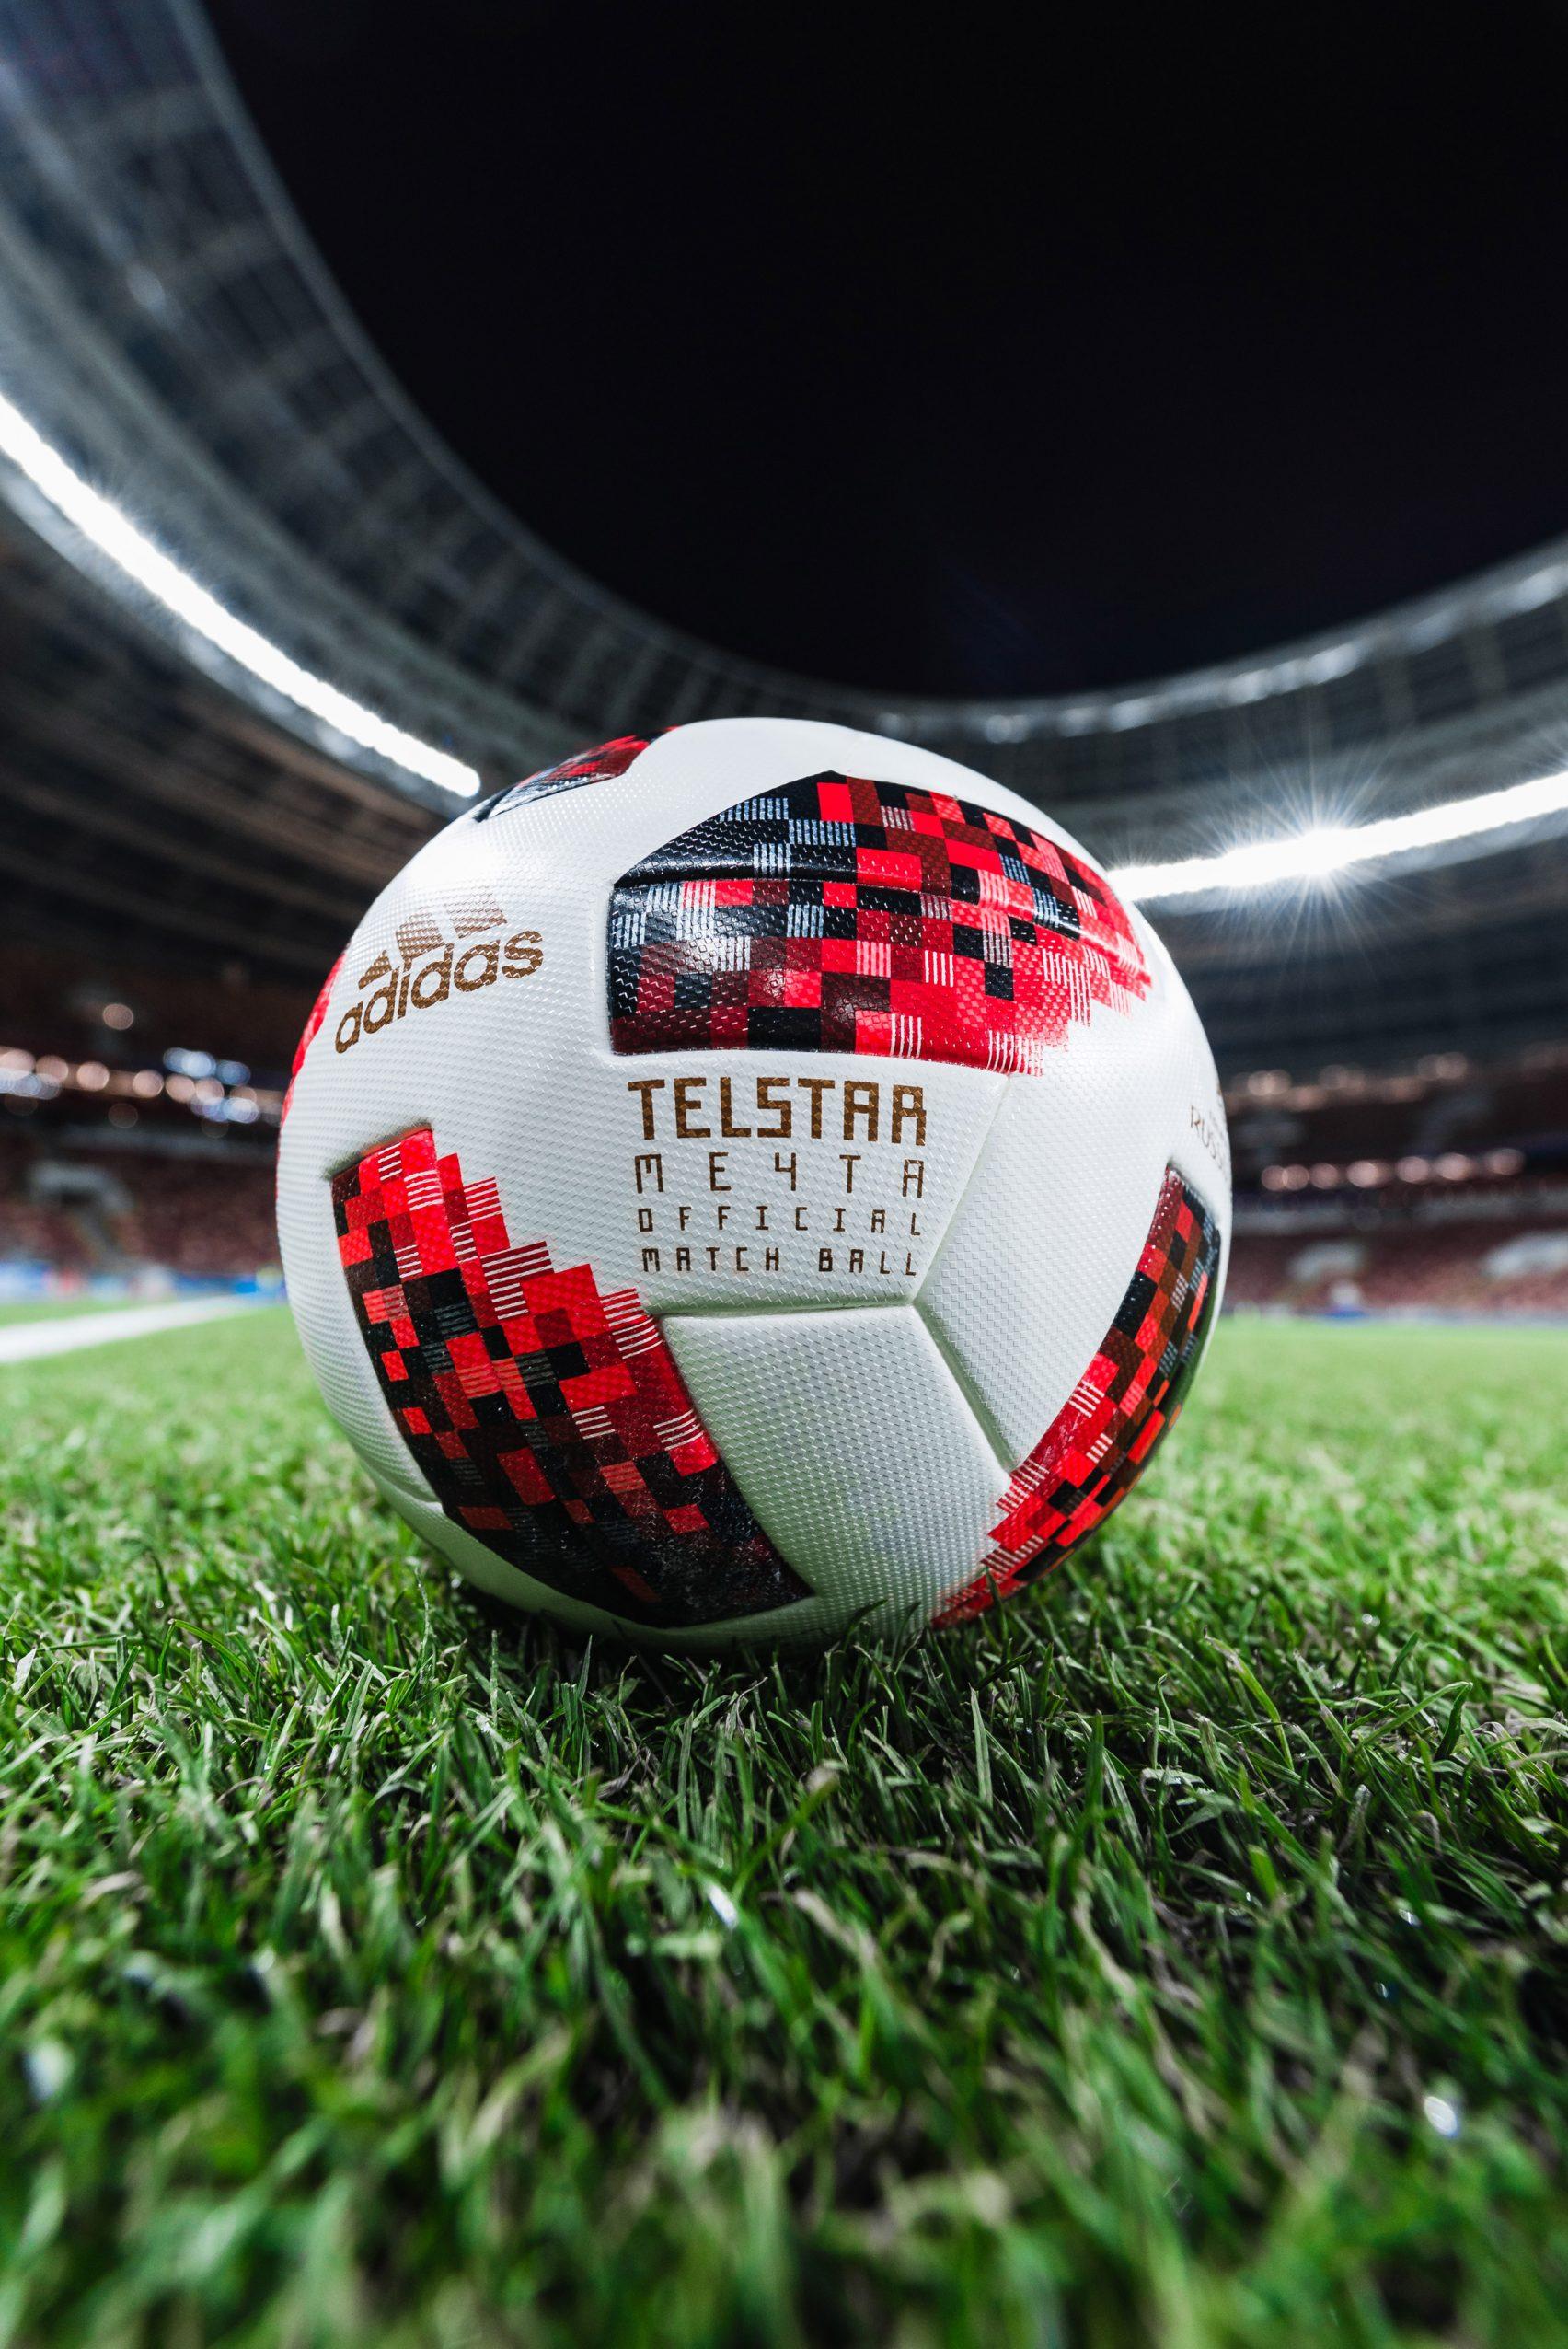 adidas football telstar mechta design dezeen 2364 col 25 1704x2552